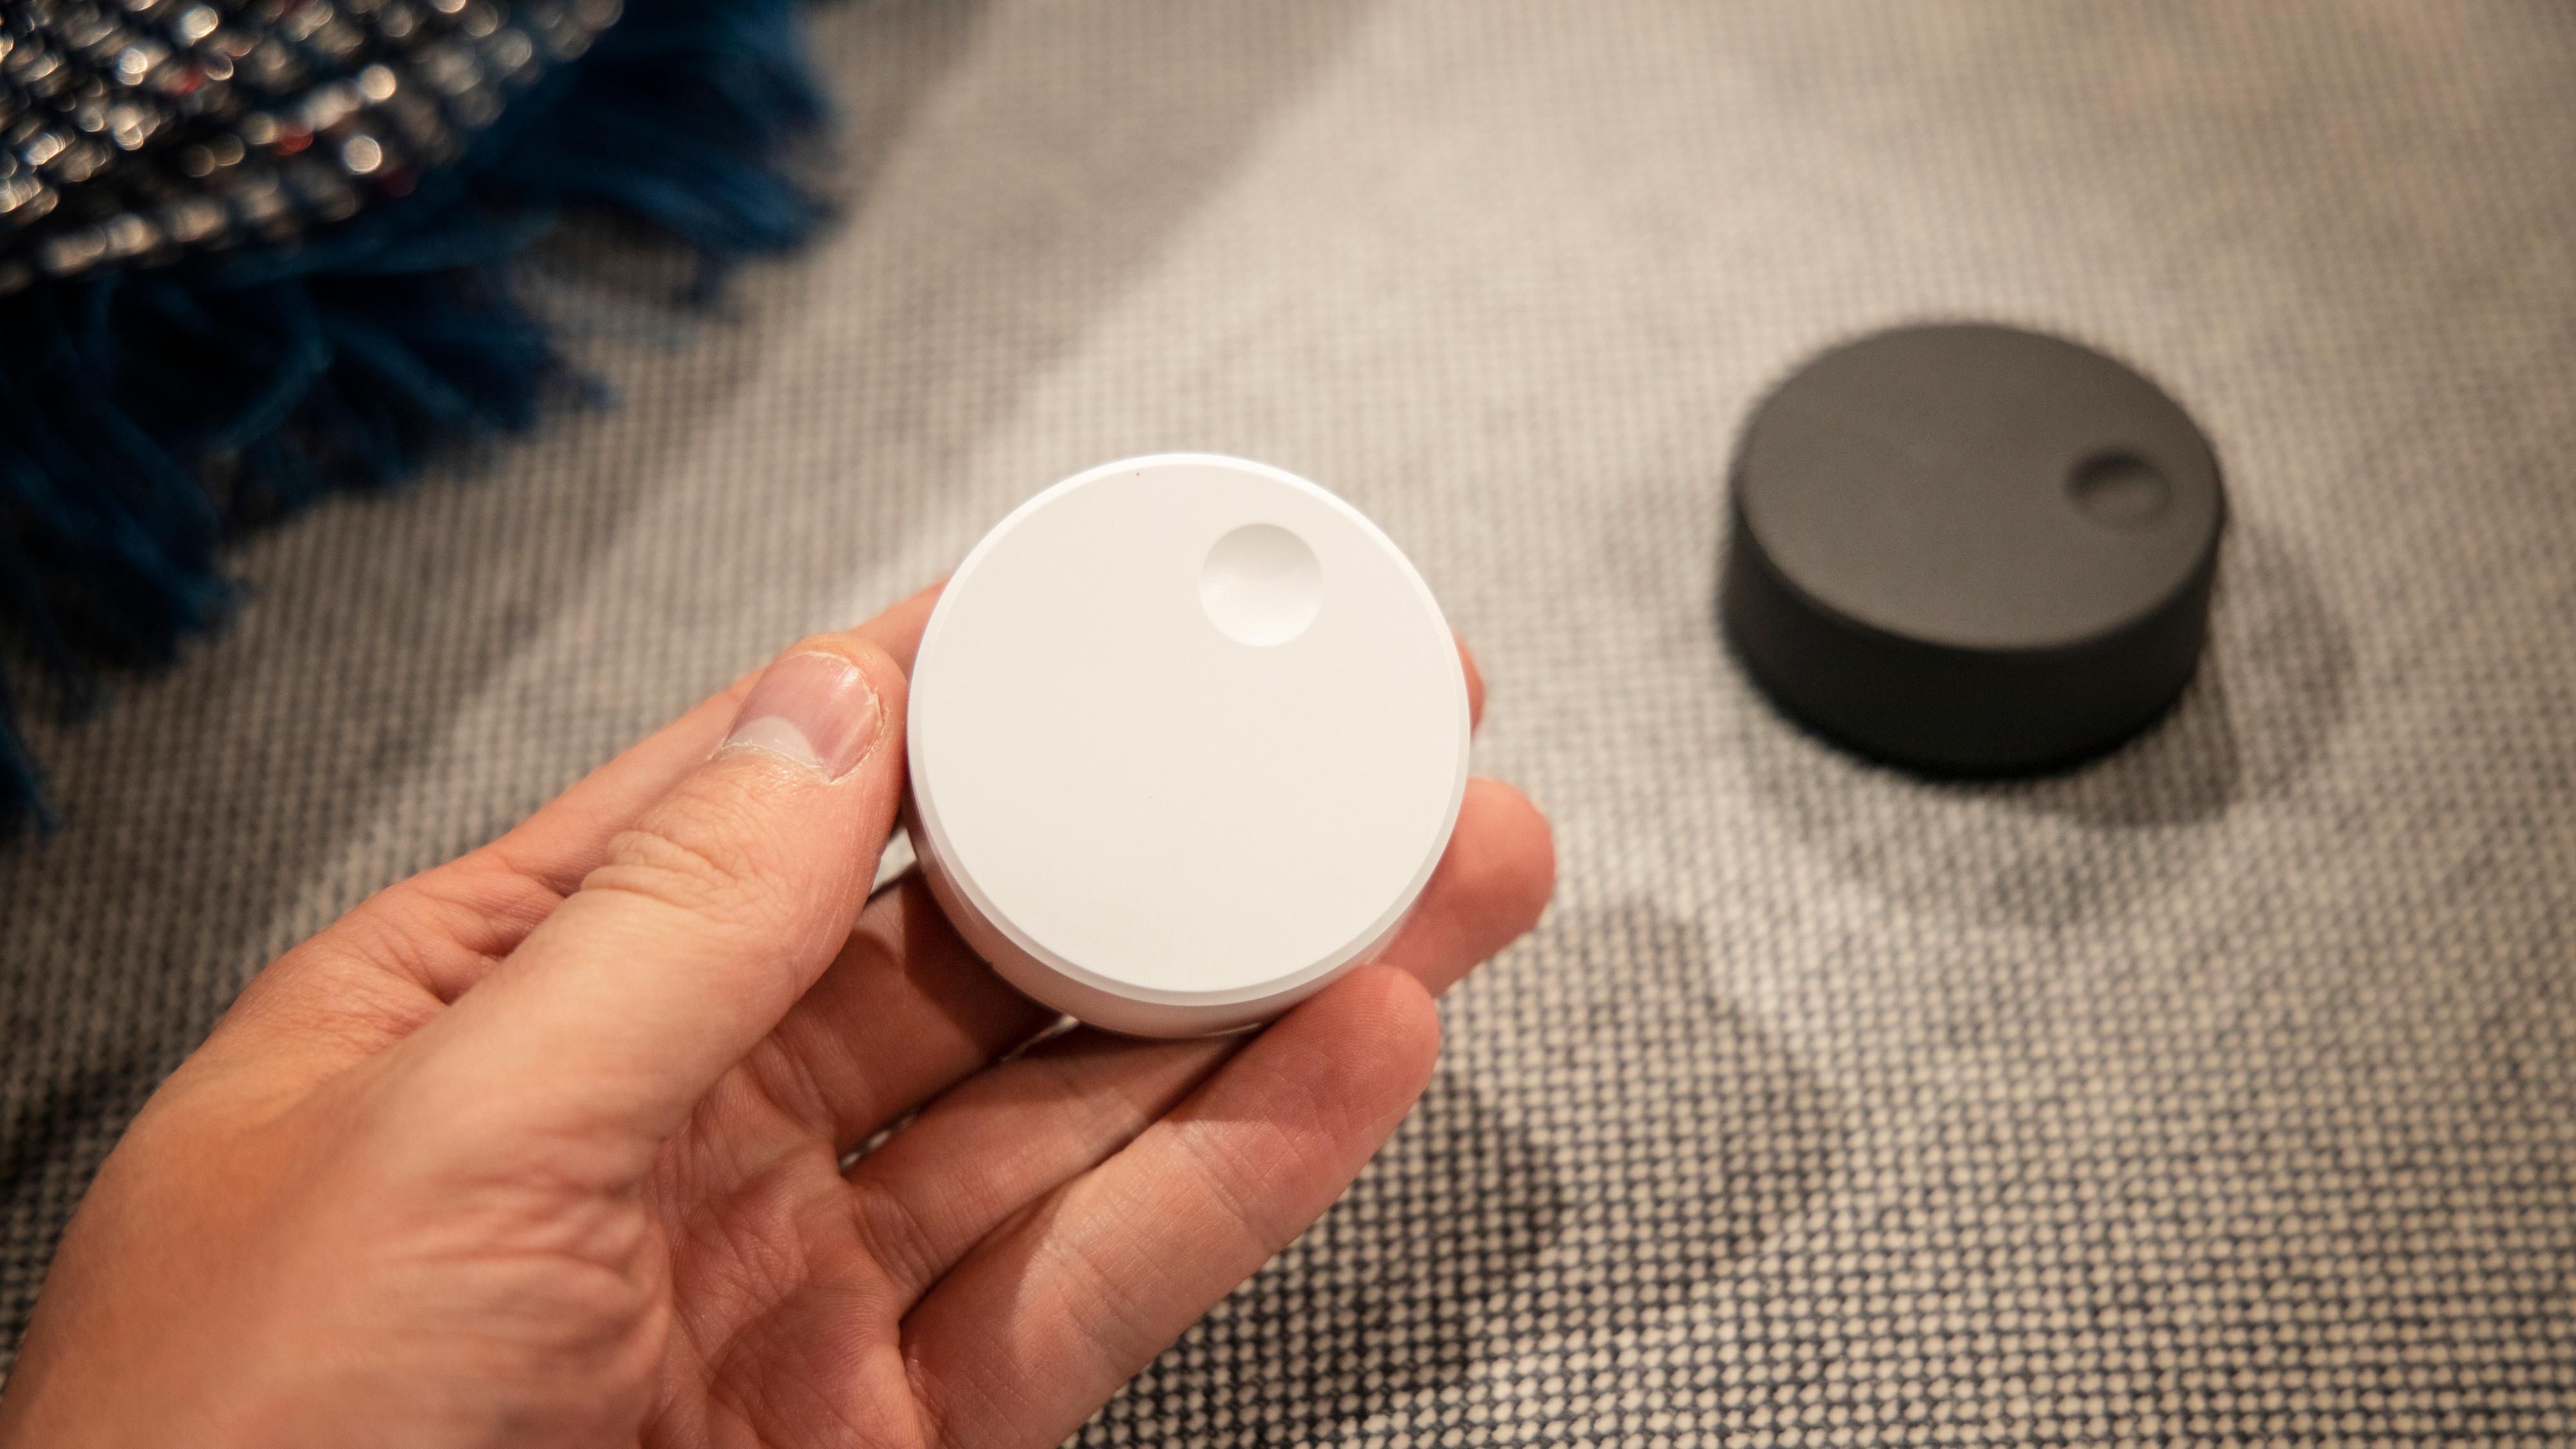 Disse små fjernkontrollene kommer i salg senere i høst, og gir muligheten til å styre musikkavspillingen i Sonos-/Symfonisk-systemet.